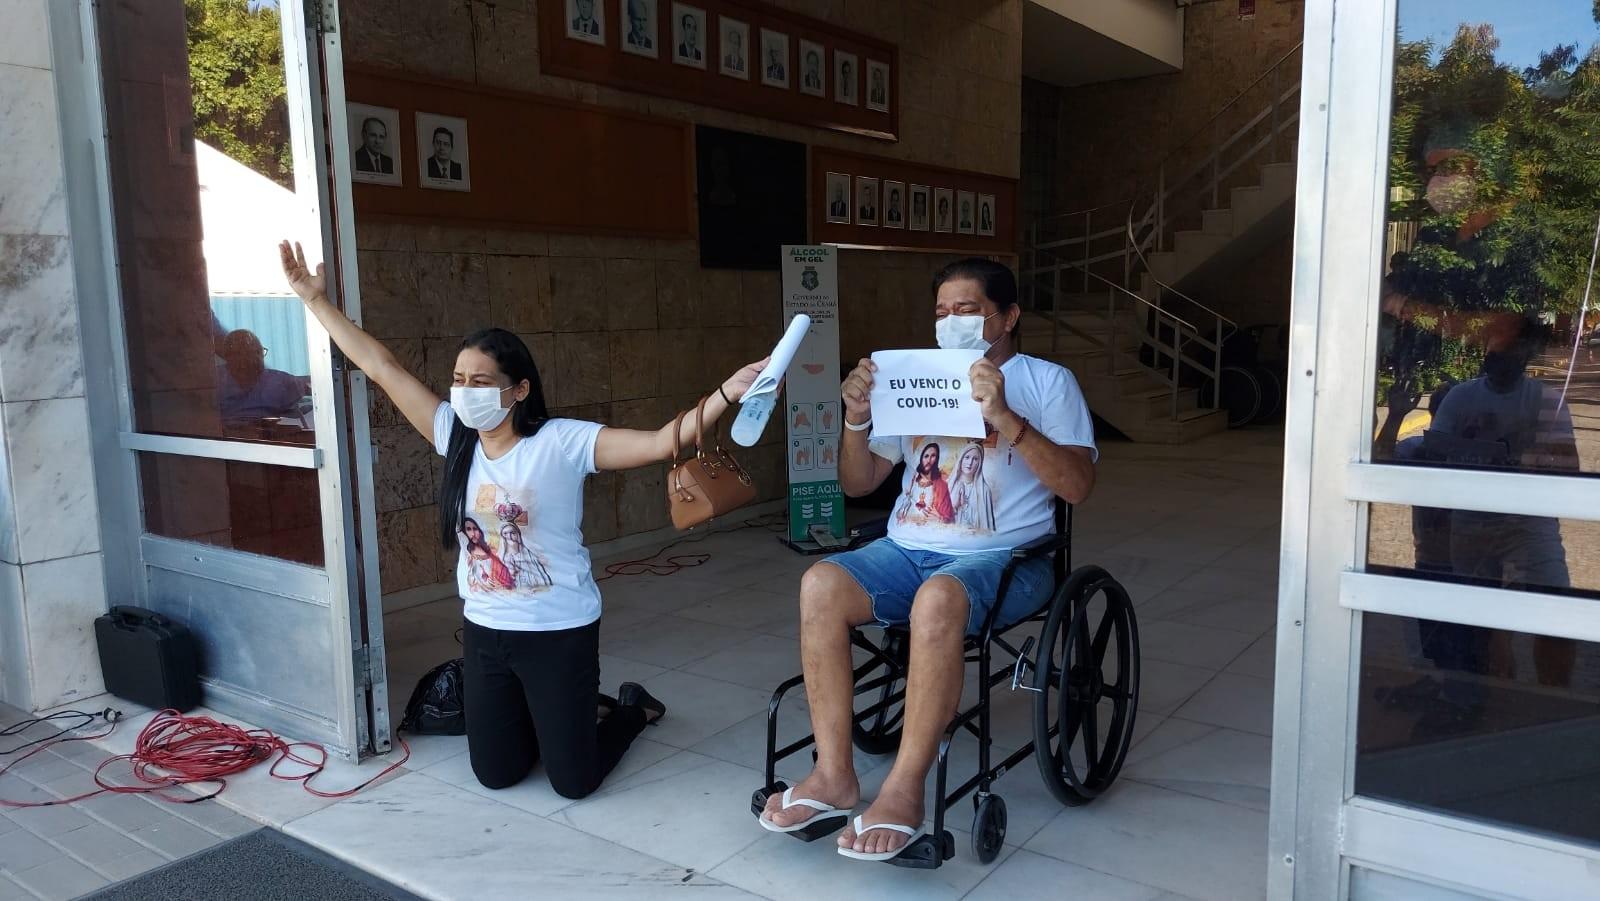 Após 56 dias internado com Covid, cearense tem alta e é recebido pela família com louvor na saída de hospital